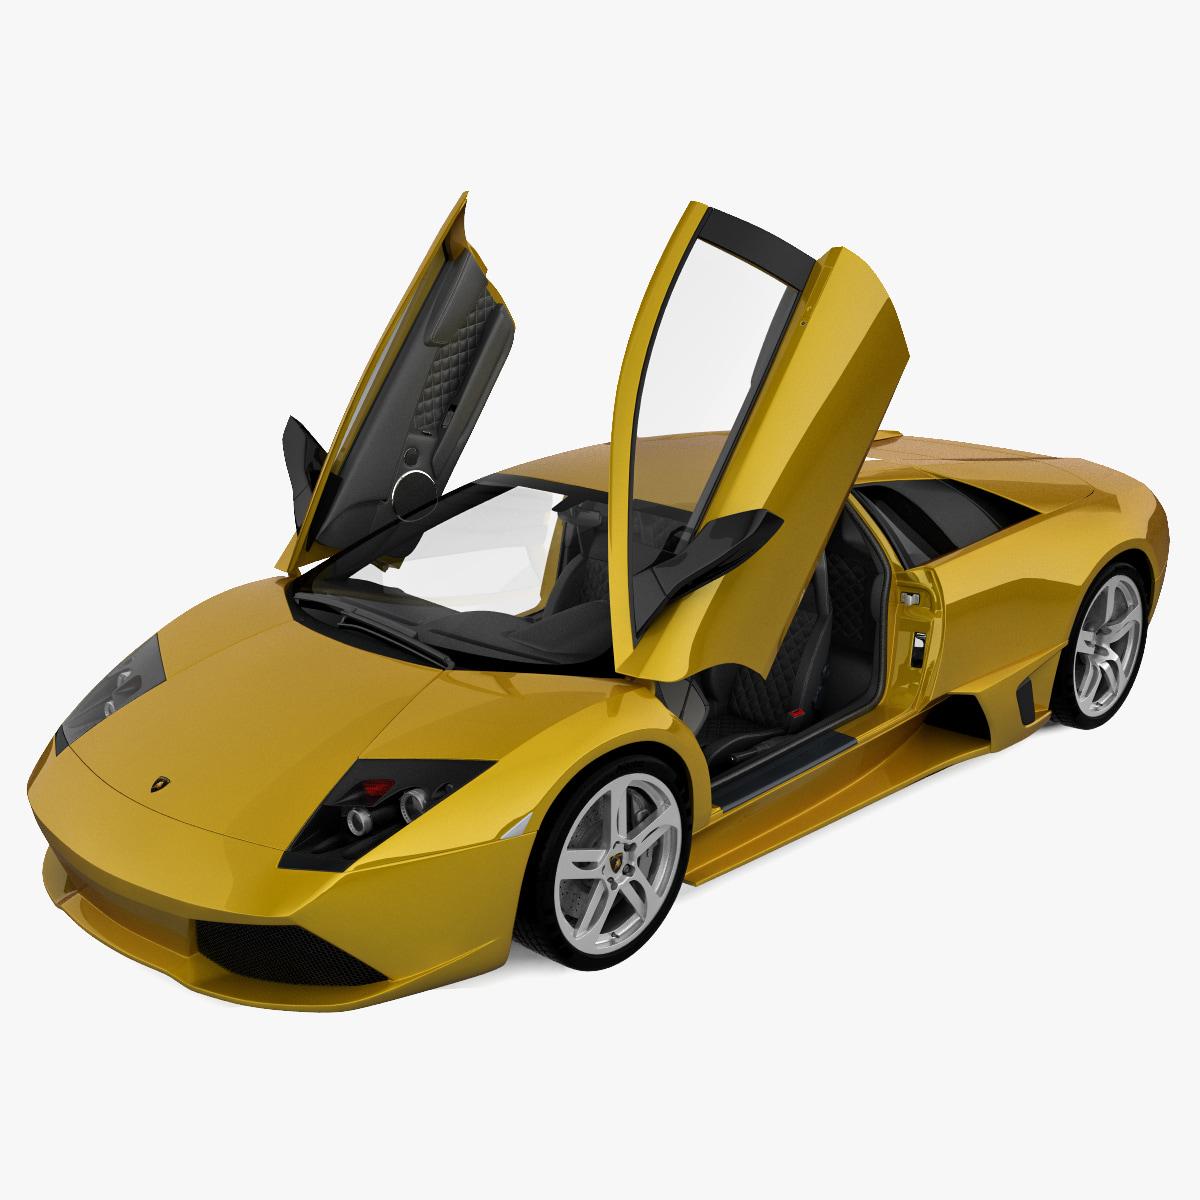 Lamborghini_Murcielago_00.jpg